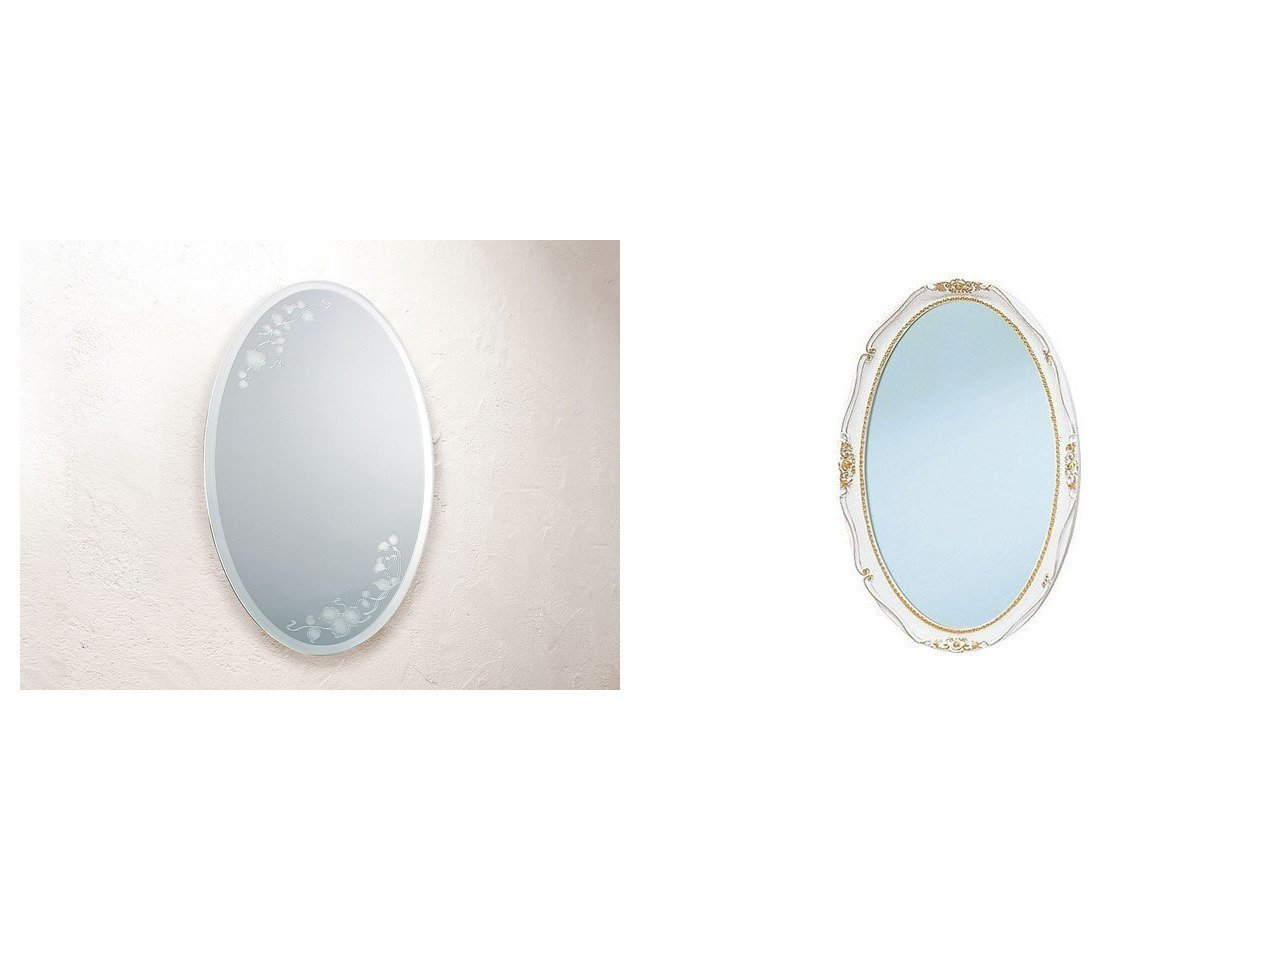 【FLYMEe Blanc/フライミー ブラン】のウォールミラー m77230&ウォールミラー m7712 【FURNITURE】おすすめ!人気、インテリア雑貨・家具の通販 おすすめで人気の流行・トレンド、ファッションの通販商品 インテリア・家具・メンズファッション・キッズファッション・レディースファッション・服の通販 founy(ファニー) https://founy.com/ 送料無料 Free Shipping エレガント オーバル クラシカル ホーム・キャンプ・アウトドア Home,Garden,Outdoor,Camping Gear 家具・インテリア Furniture ミラー・ドレッサー Mirror ミラー・鏡 ホーム・キャンプ・アウトドア Home,Garden,Outdoor,Camping Gear 家具・インテリア Furniture ミラー・ドレッサー Mirror ドレッサー  ID:crp329100000055490